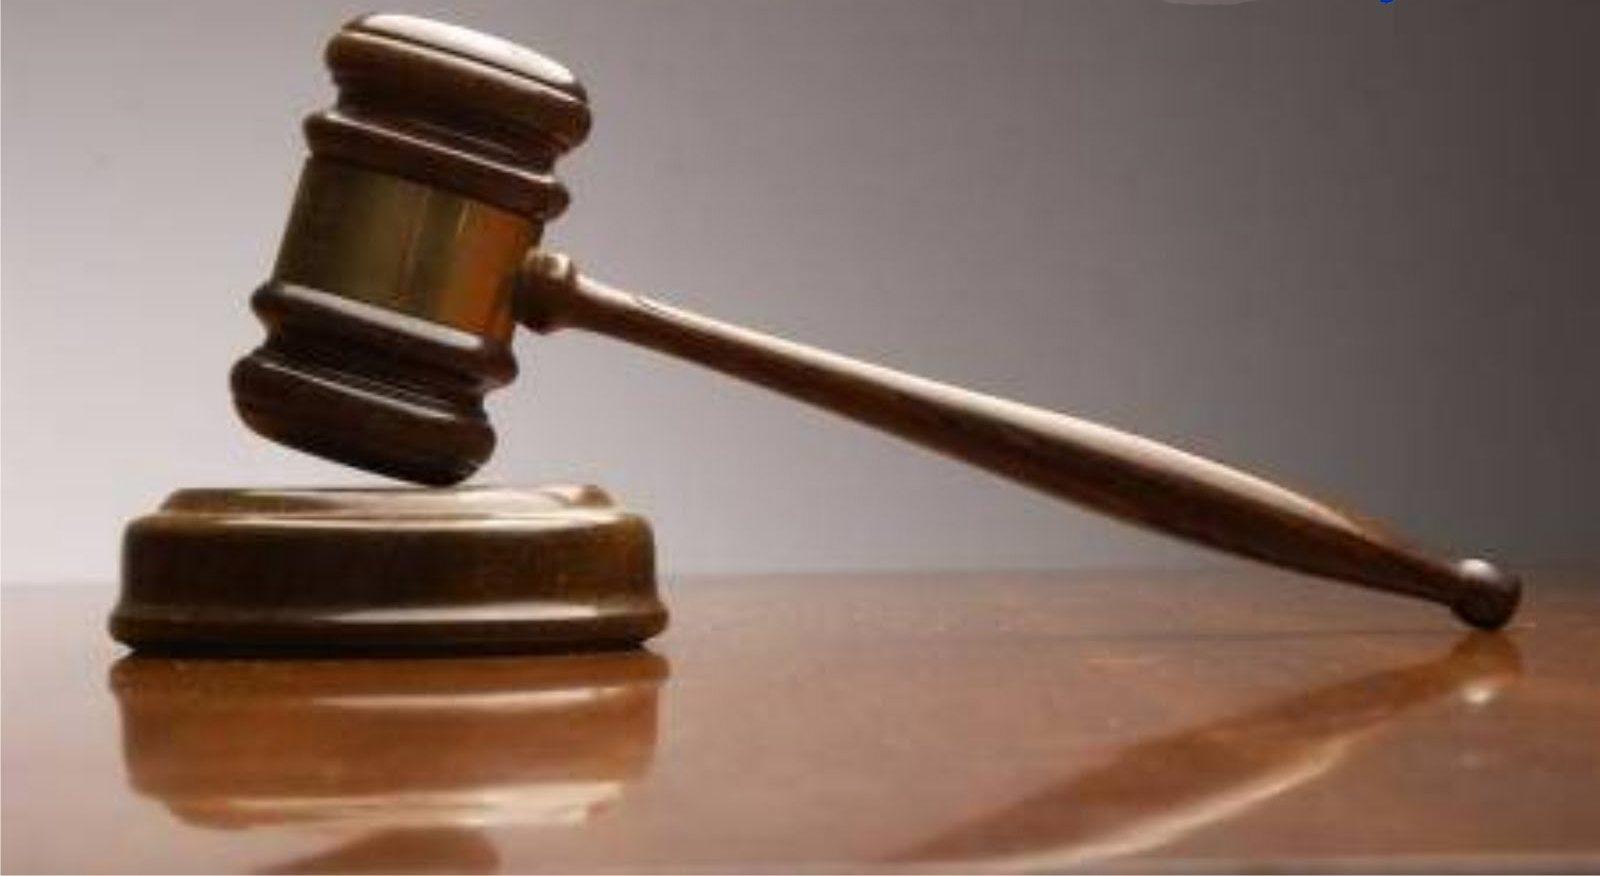 Diretor do IGFEJ acusado de participação económica e falsificação de documento